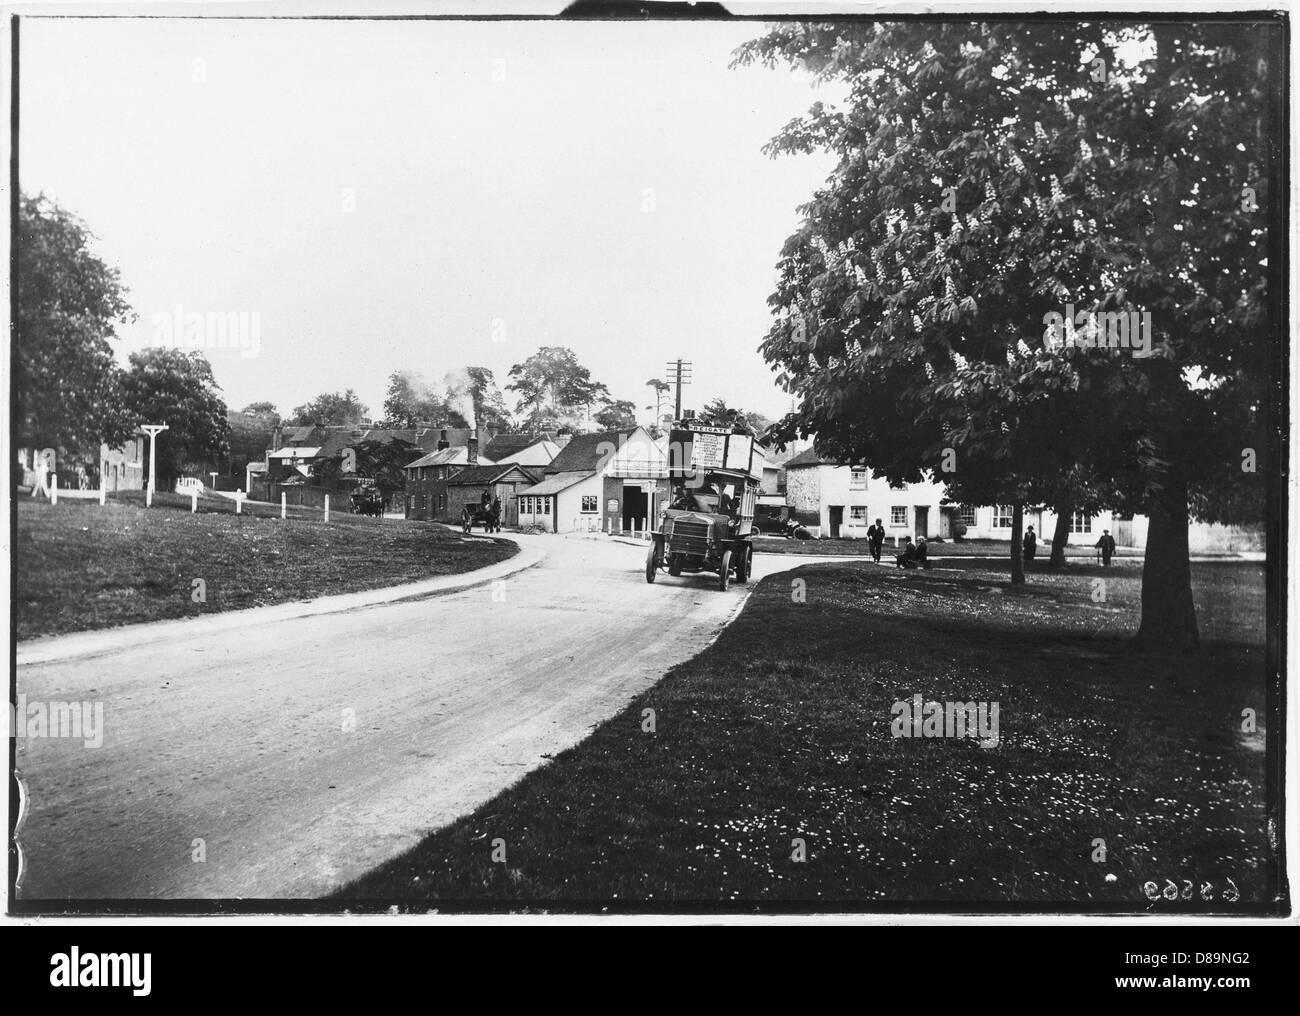 Godstone Bus 1919 - Stock Image